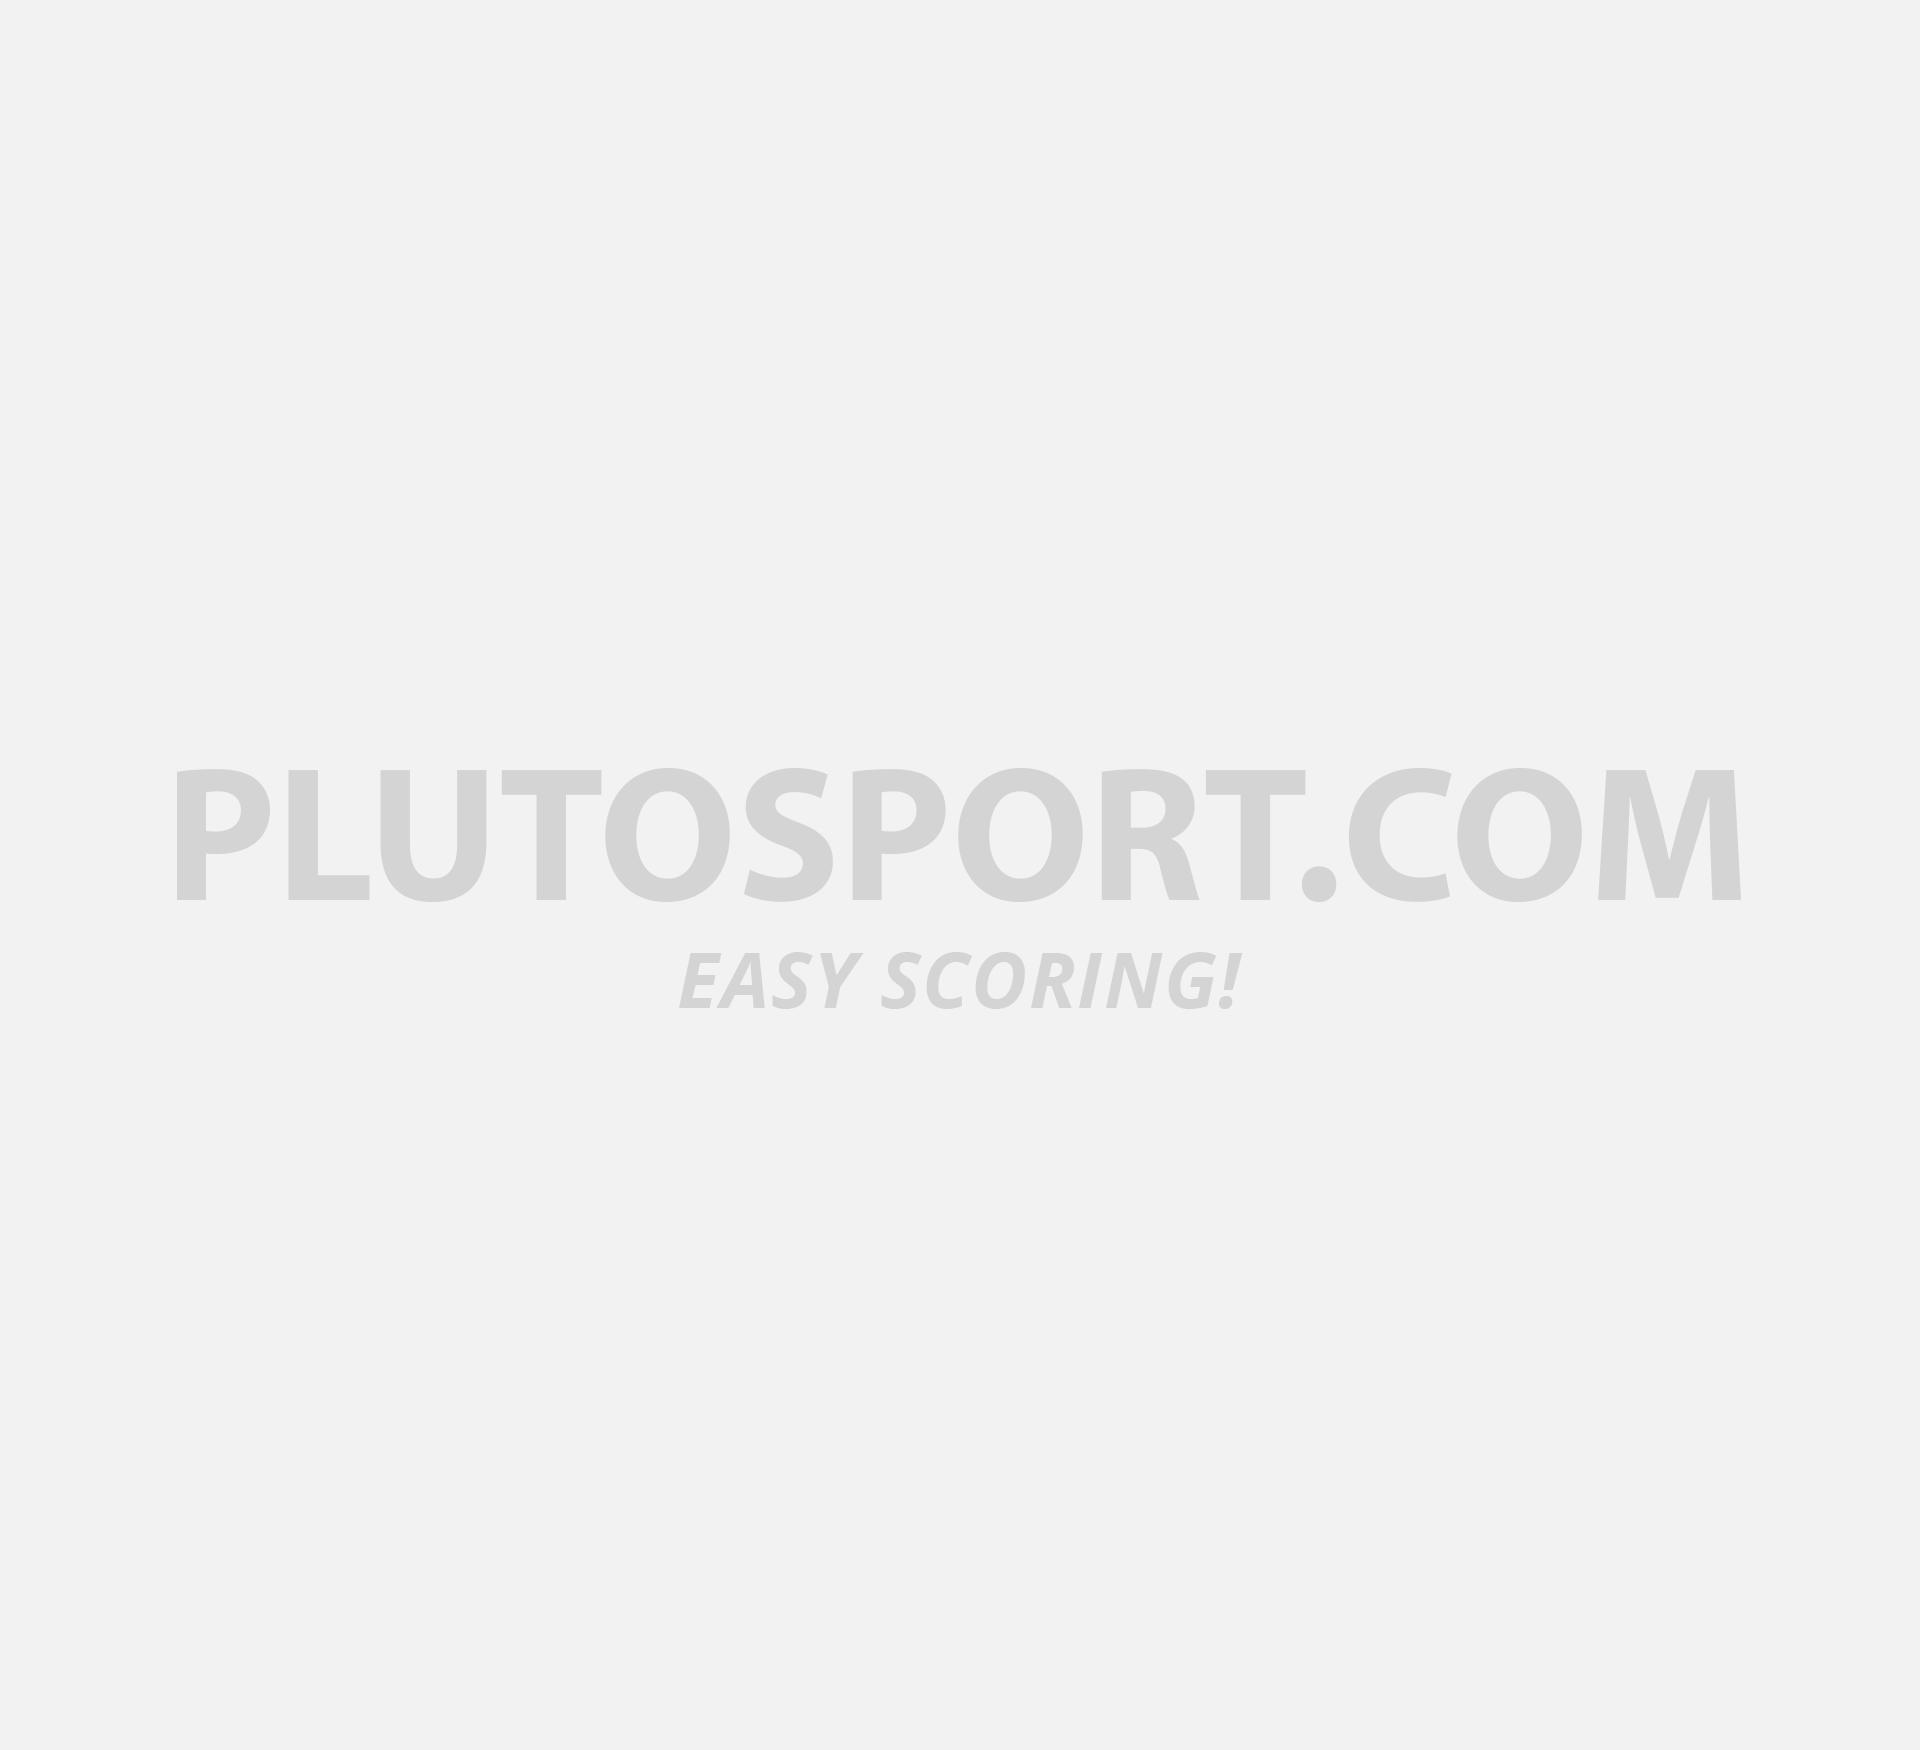 591dcf79b99a Campri Aqua Shoes Kids - Aquashoes - Shoes - Watersport - Sports ...